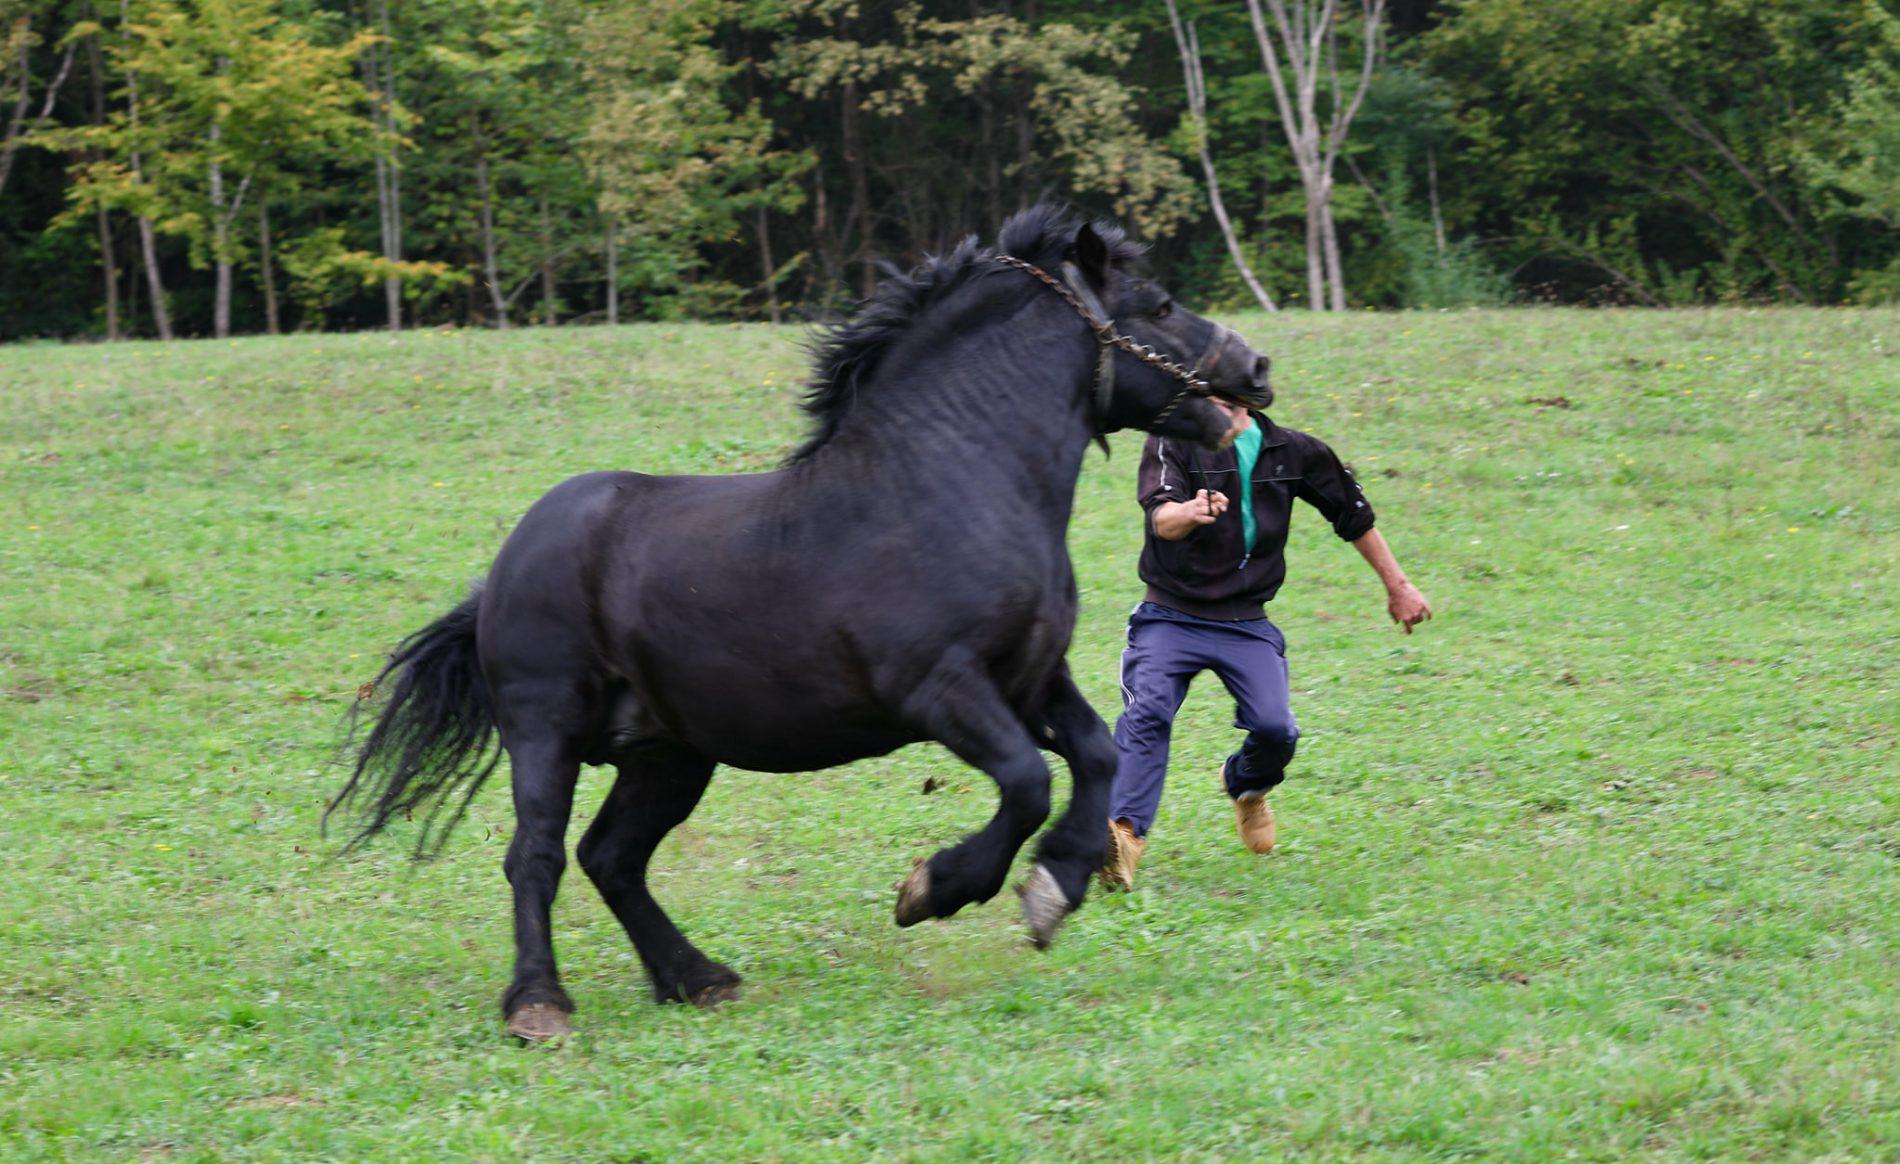 Krajina ljepša od Floride: Adnan Medić ulaže u konje i seoski turizam u rodnoj Sanici